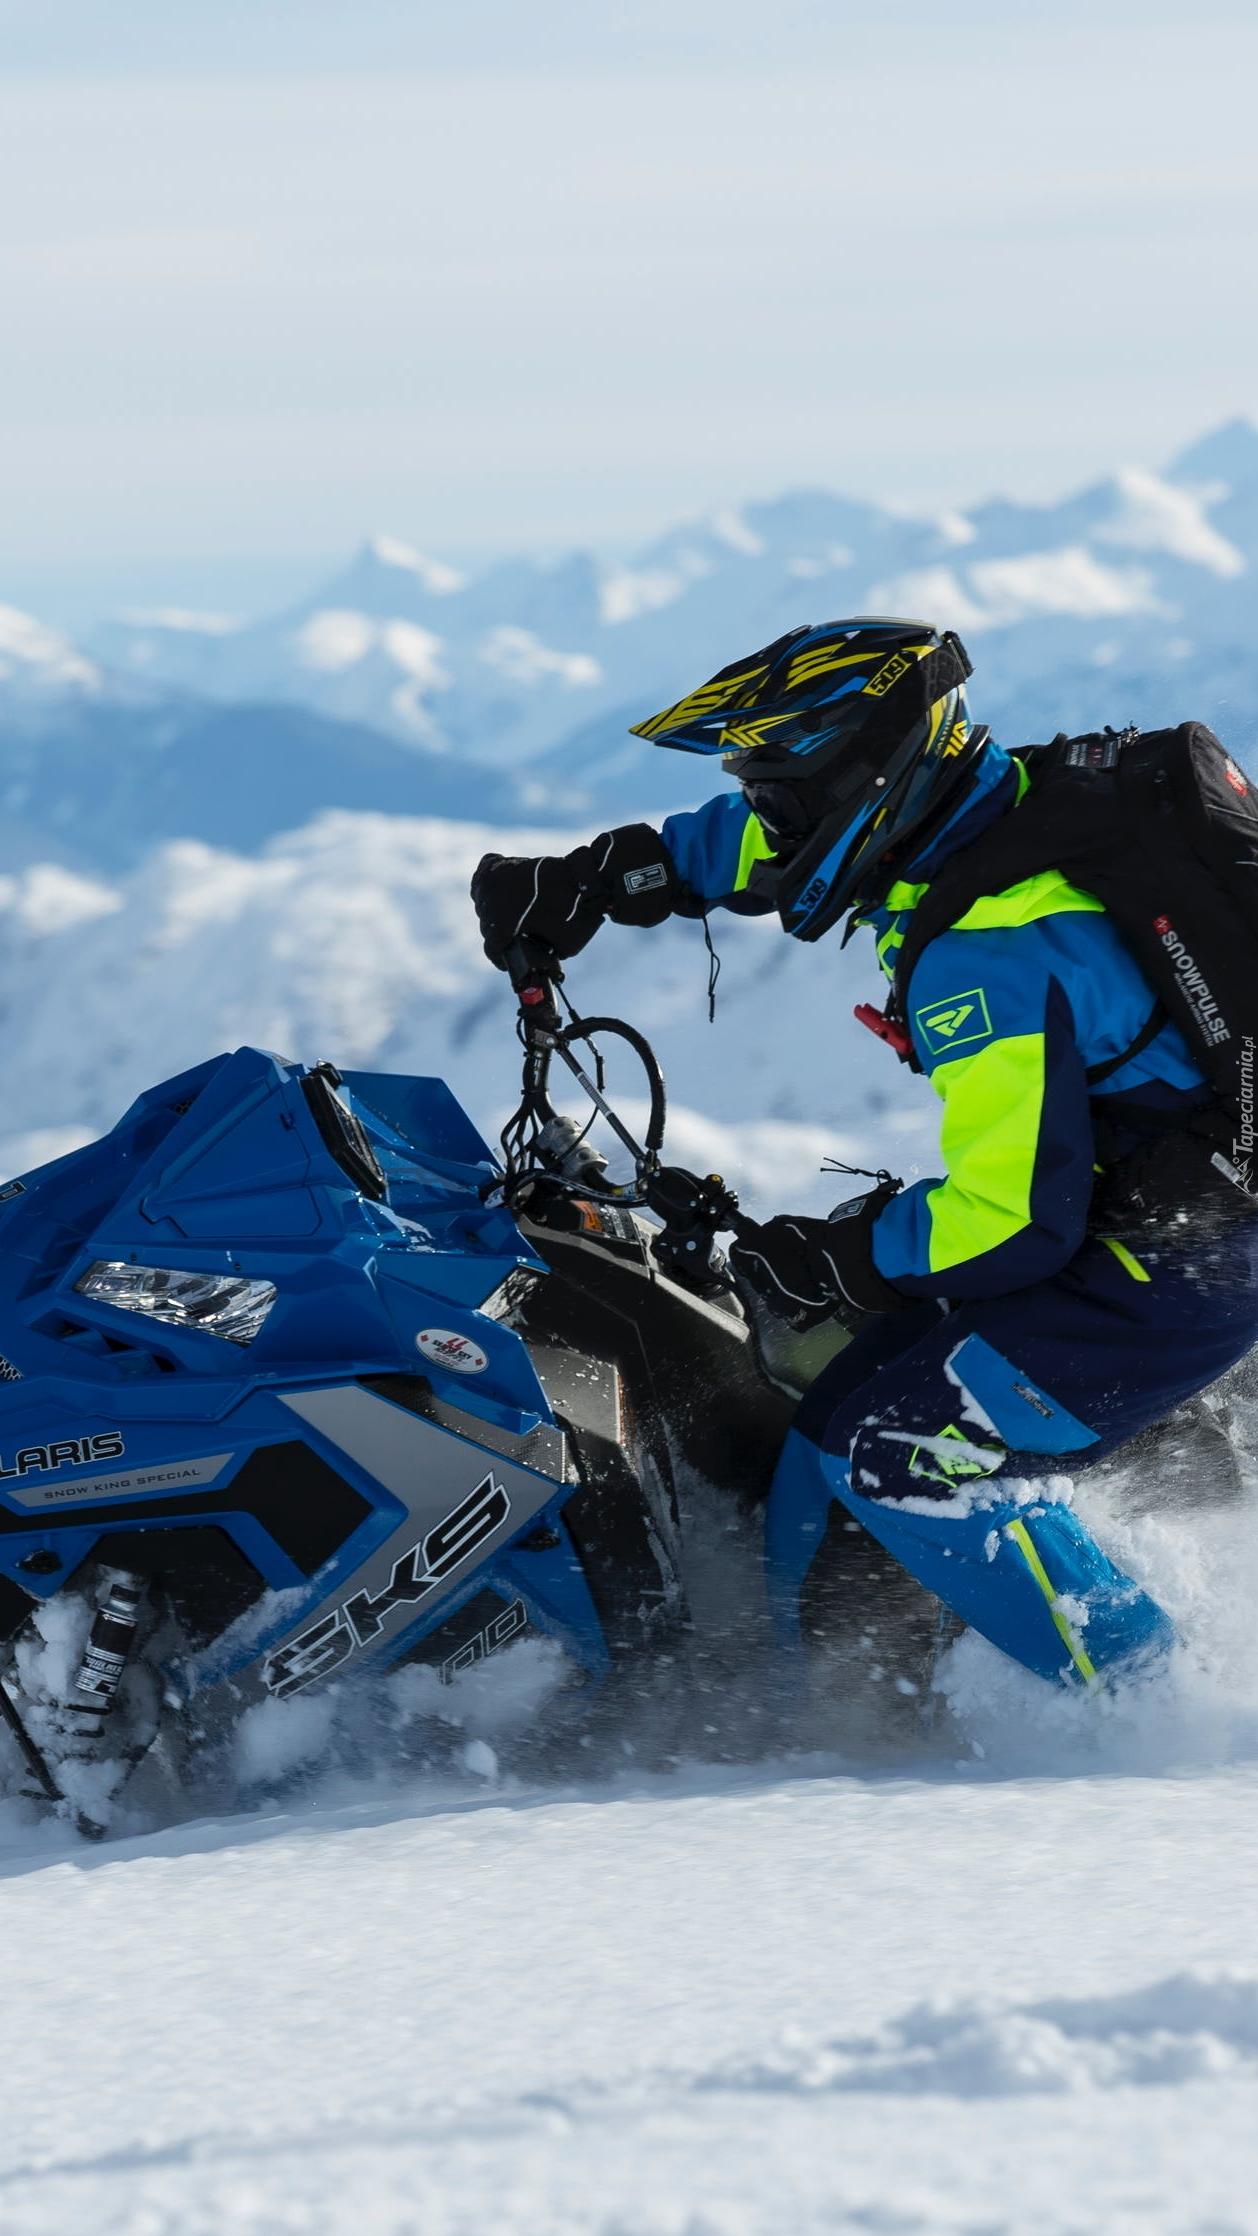 Mężczyzna na skuterze śnieżnym